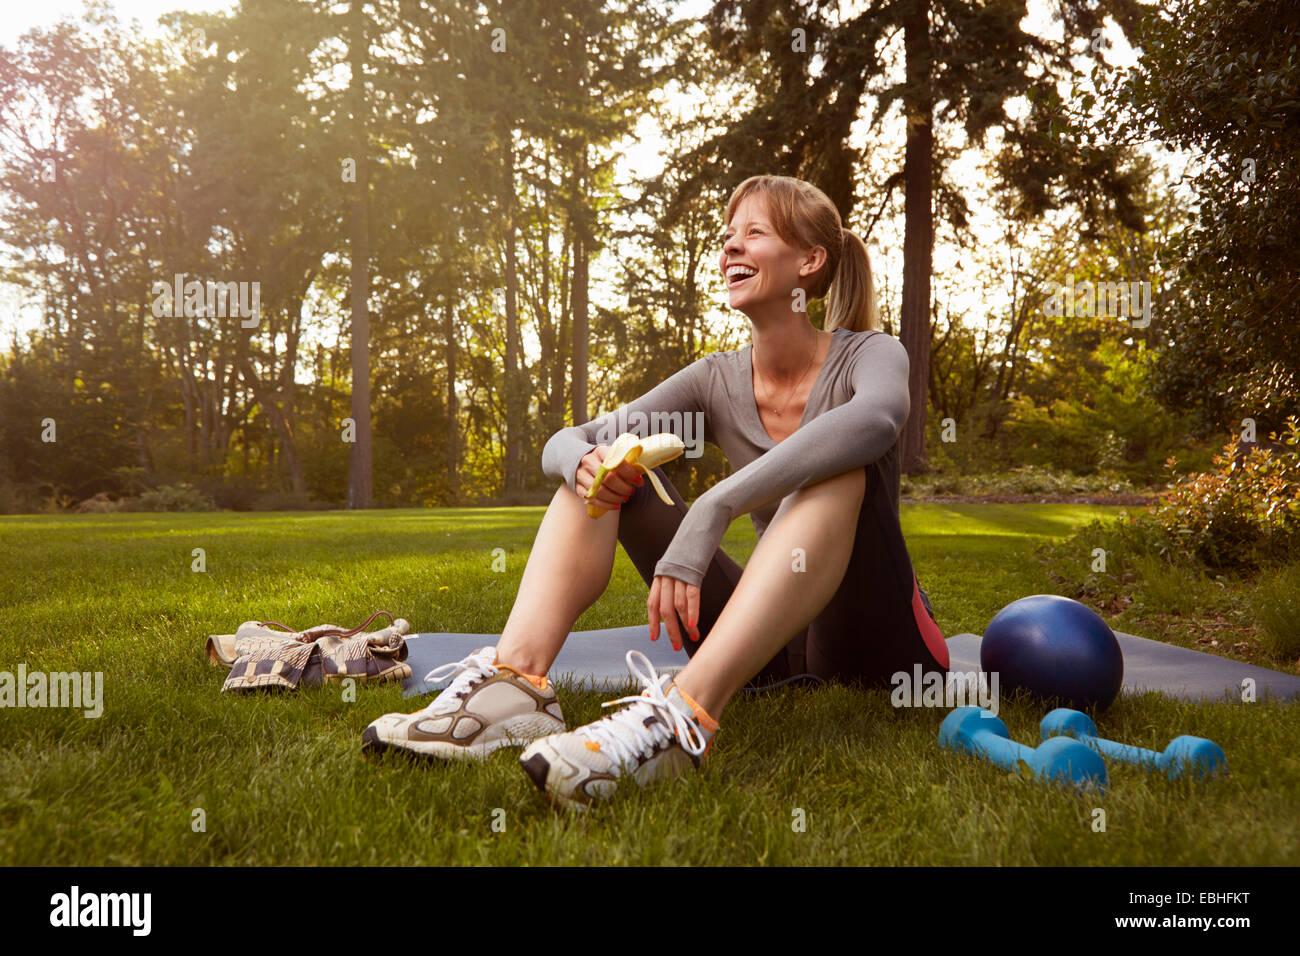 Mujer adulta media sentado en el parque tomando ejercicio romper Imagen De Stock